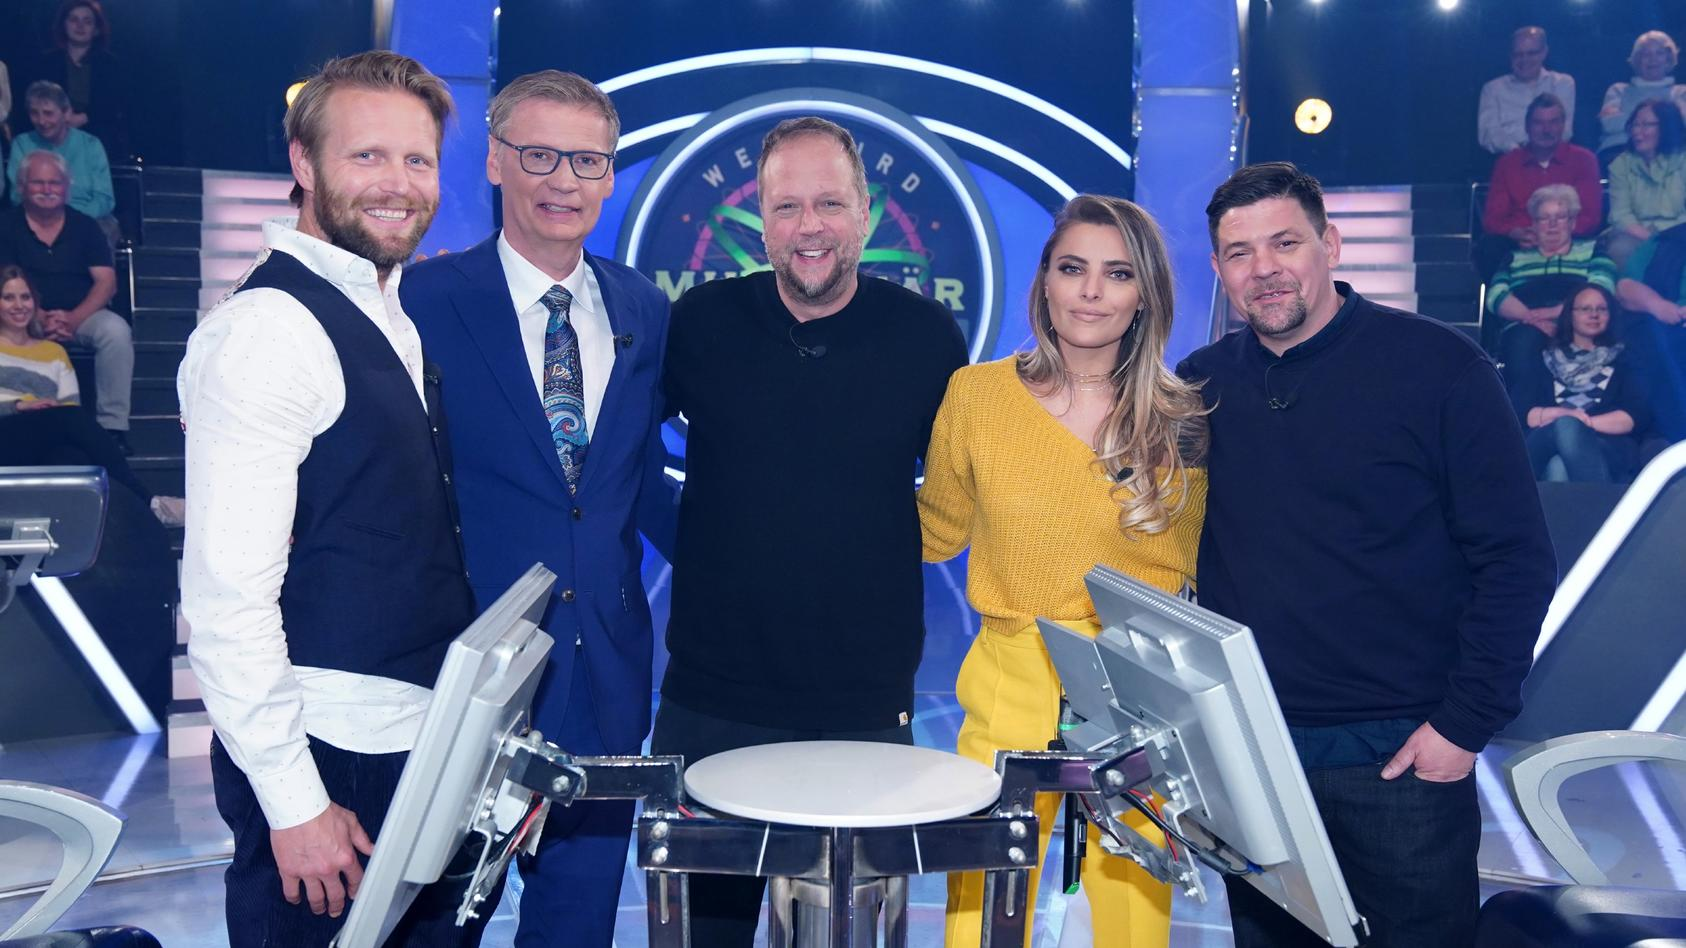 """""""Wer wird Millionär?""""-Moderator Günther Jauch (2.v.l.) mit seinen prominenten Gästen Julius Brink, Smudo, Sophia Thomalla und Tim Mälzer (v.l.n.r.)"""